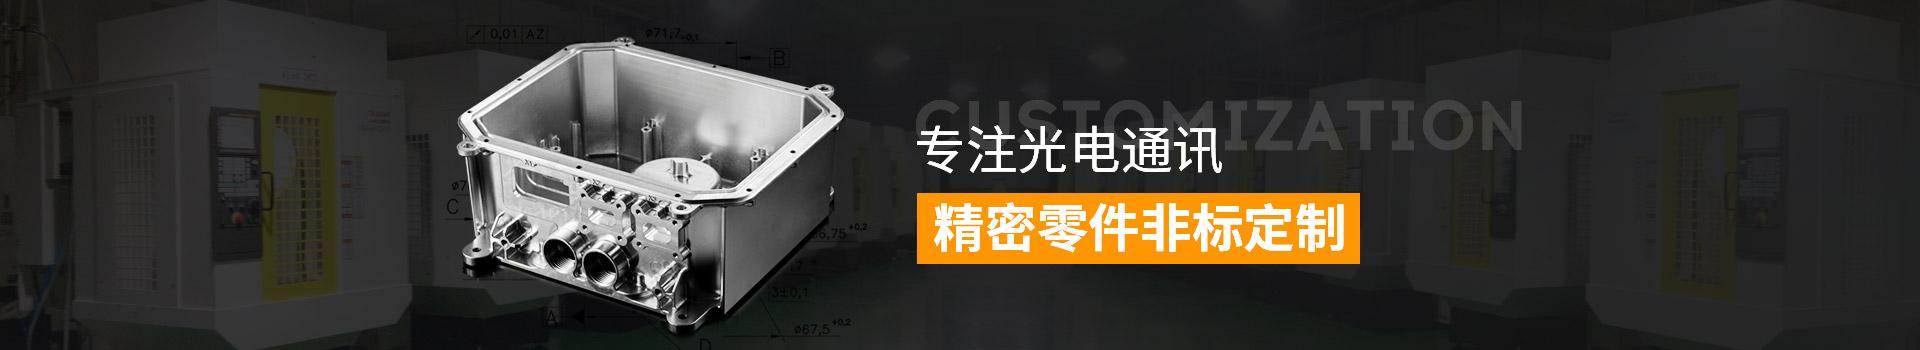 迪越精工-专注光电通讯精密零件非标定制